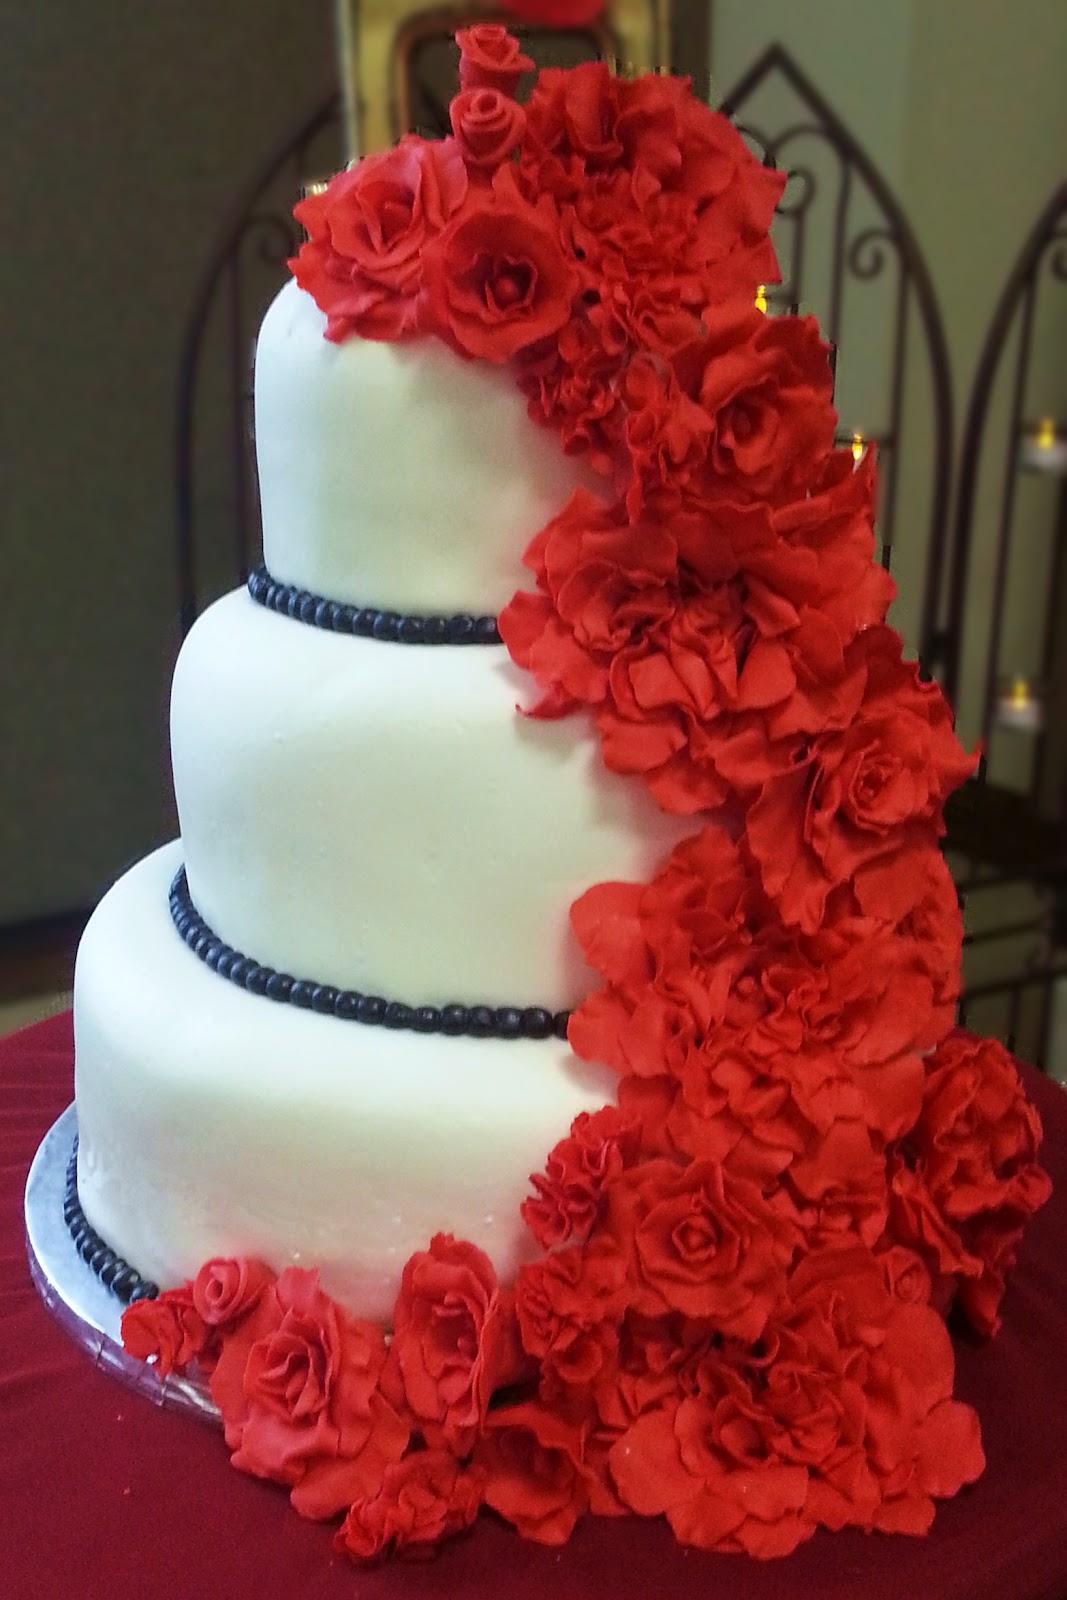 Si je devais me (re)marier, je crois que j'adorerais celui-ci :